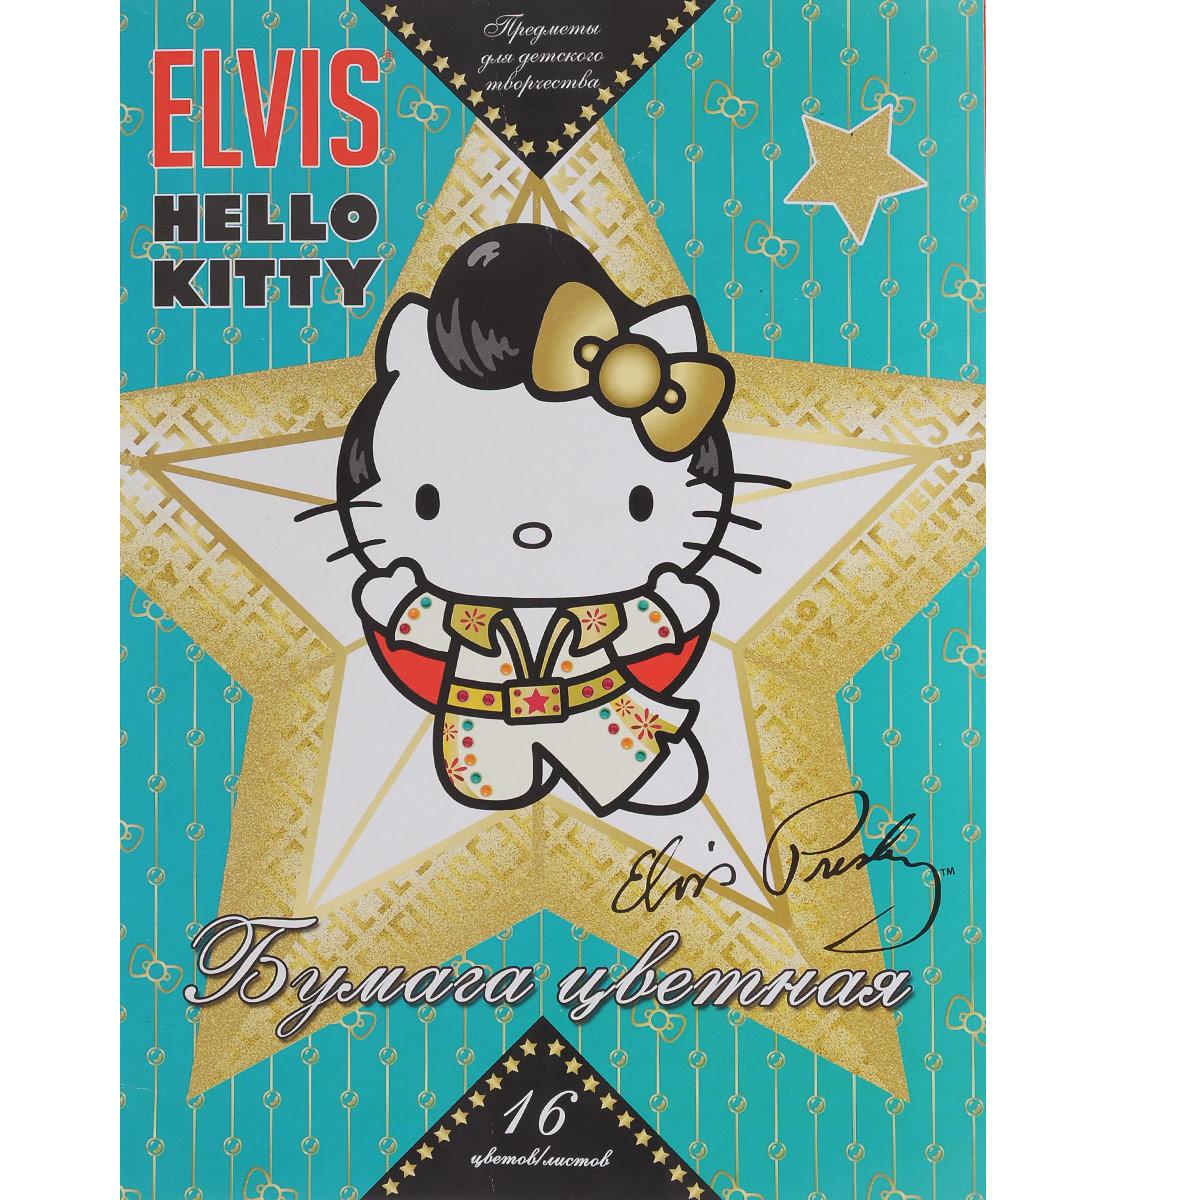 Цветная бумага Hello Kitty. Elvis, 16 цветов. HK31_бирюзовыйHK31_бирюзовыйЦветная бумага Hello Kitty. Elvis позволит вашему ребенку создавать всевозможные аппликации и поделки. Набор состоит из 16 листов, скрепленных скобами. Обложка изготовлена из плотного картона с изображением Hello Kitty. Создание поделок из цветной бумаги поможет ребенку в развитии творческих способностей, кроме того, это увлекательный досуг.